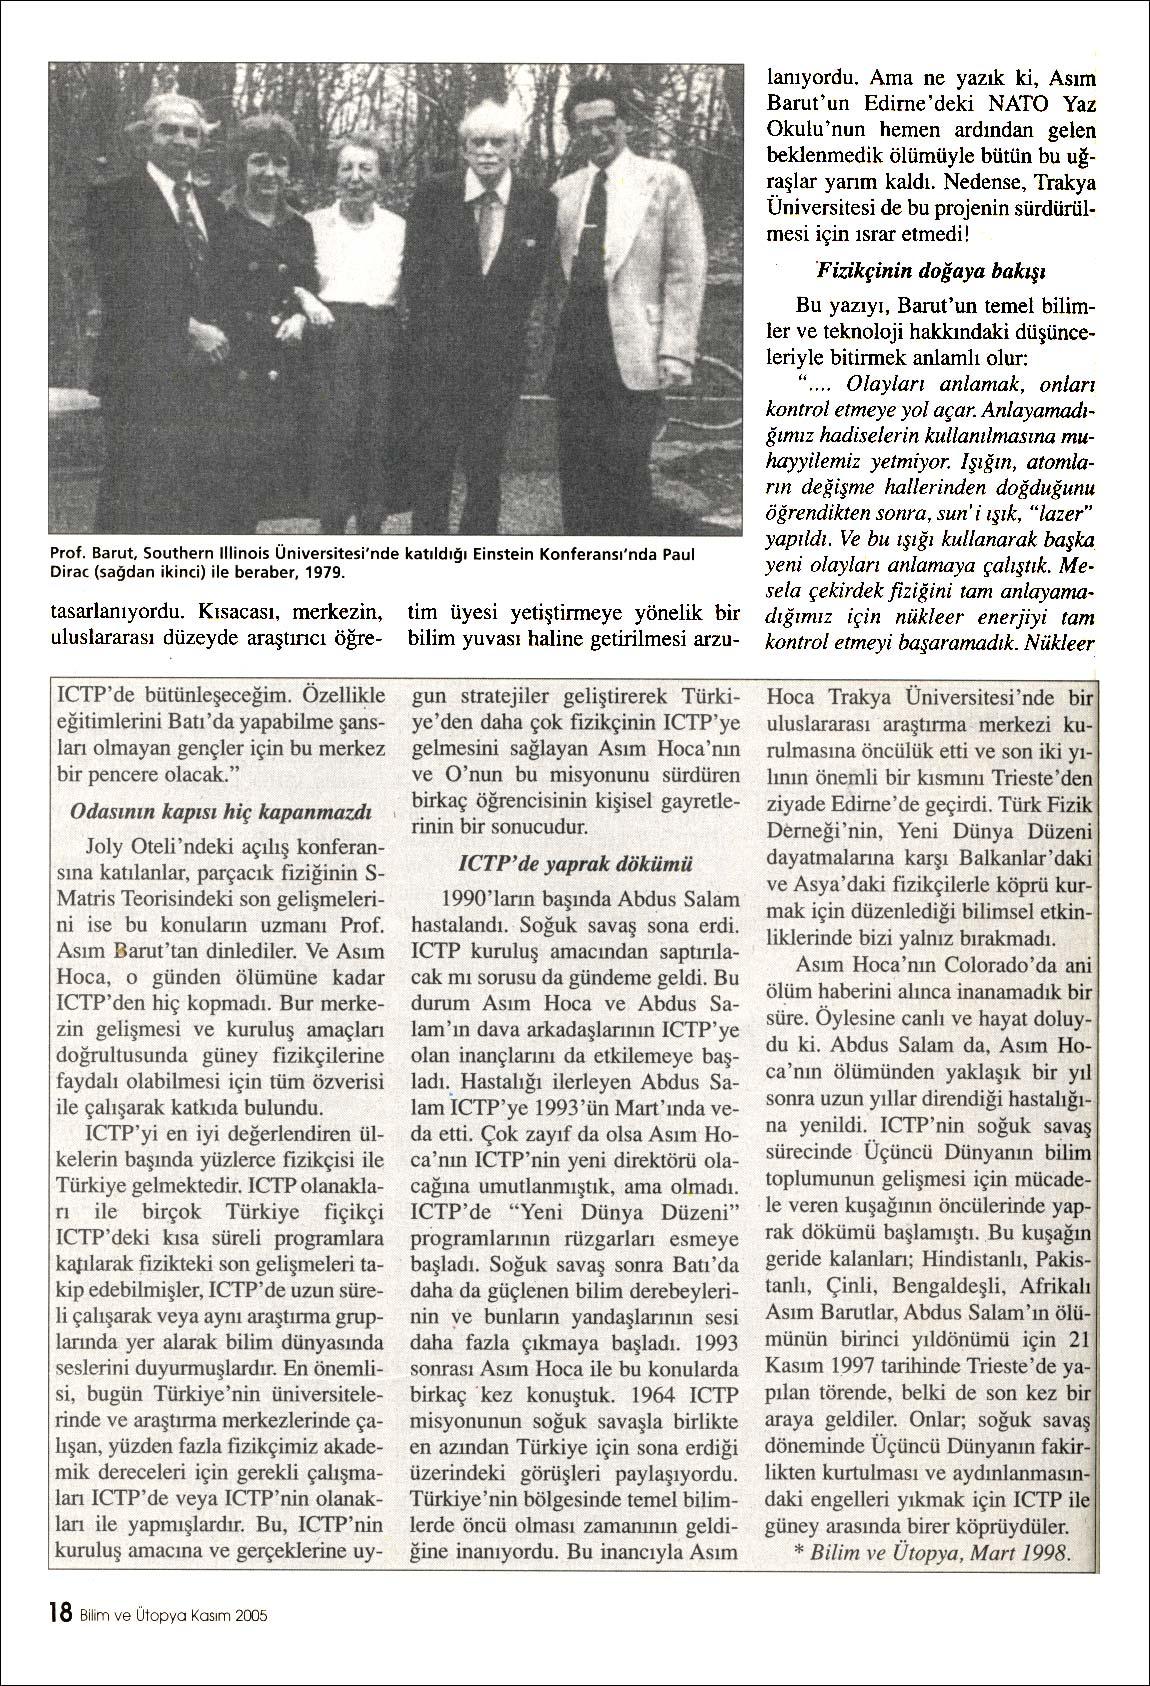 Basında Asım Orhan Barut | 2005 Dünya Fizik Yılında Çağdaş Türk Fizikçileri | Feza Gürsey, Asım Orhan Barut, Cahit Arf, Oktay Sinanoğlu, Behram Kurşunoğlu, Cavid Erginsoy, Fikret Kortel, Rauf Nasuhoğlu ve Erdal İnönü | Yaşamları, fiziğe katkıları, eğitimci kişilikleri | Bilim ve Ütopya, Kasım 2005, Sayı: 137 | Aylık yaygın bilim, kültür ve politika dergisi